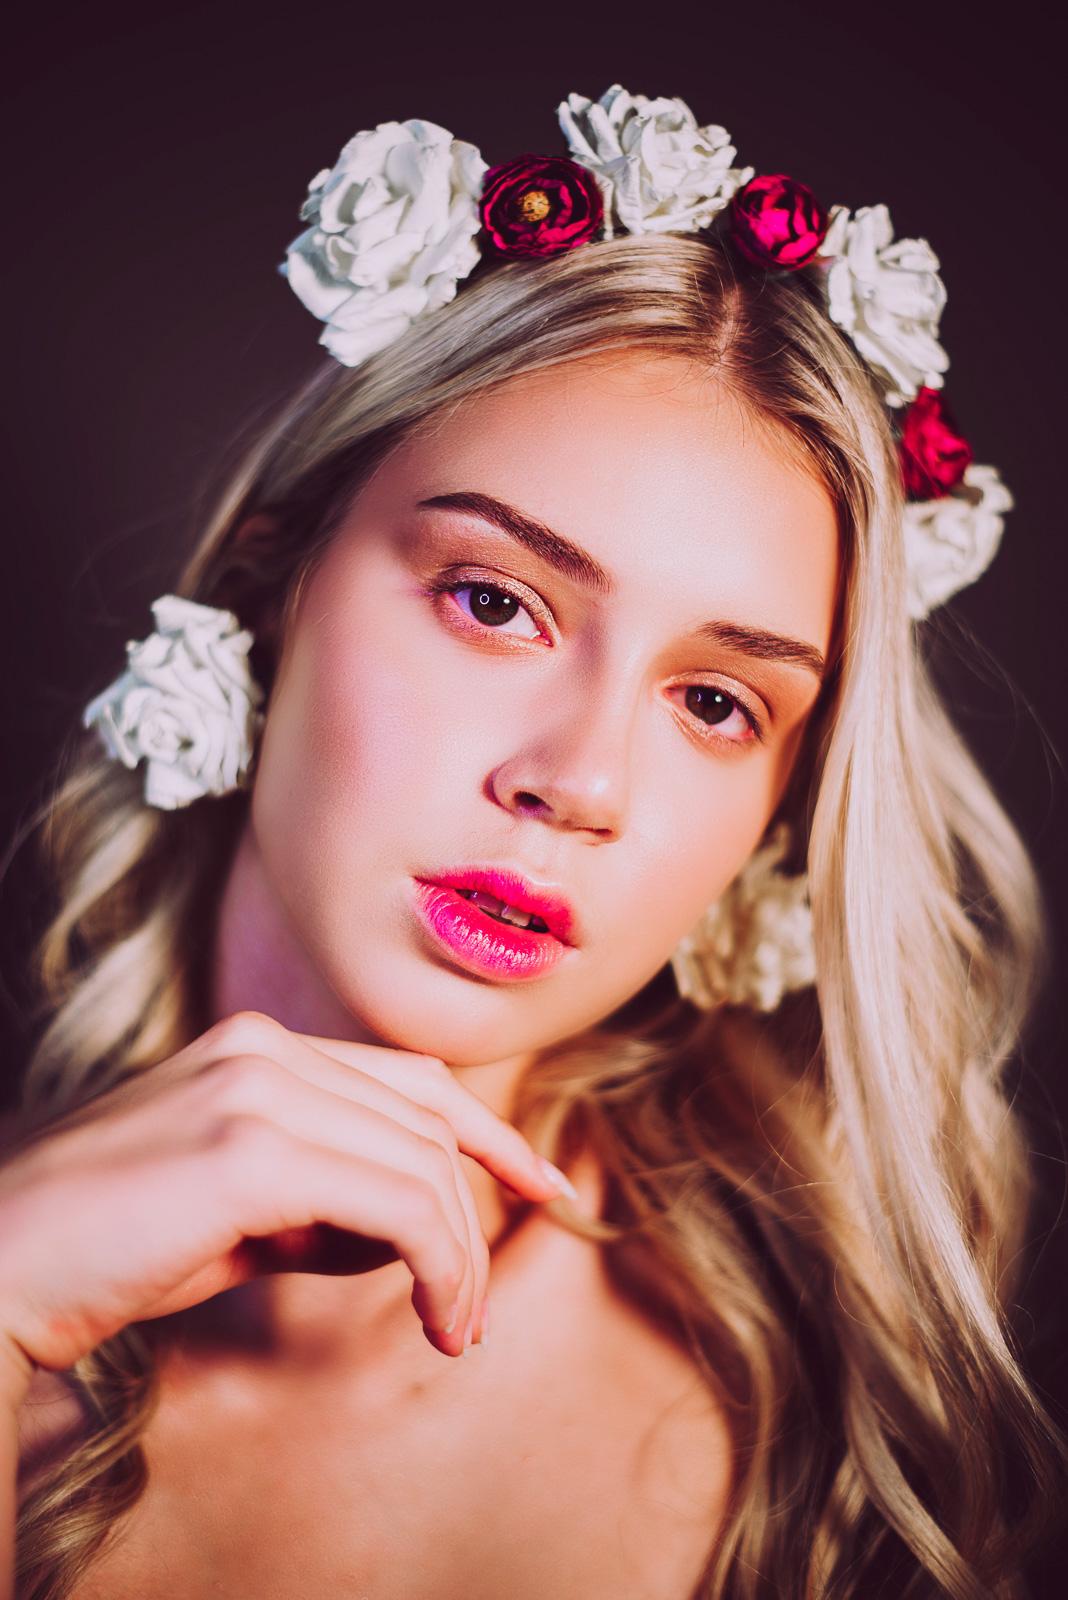 Женский портрет от Марии Москва